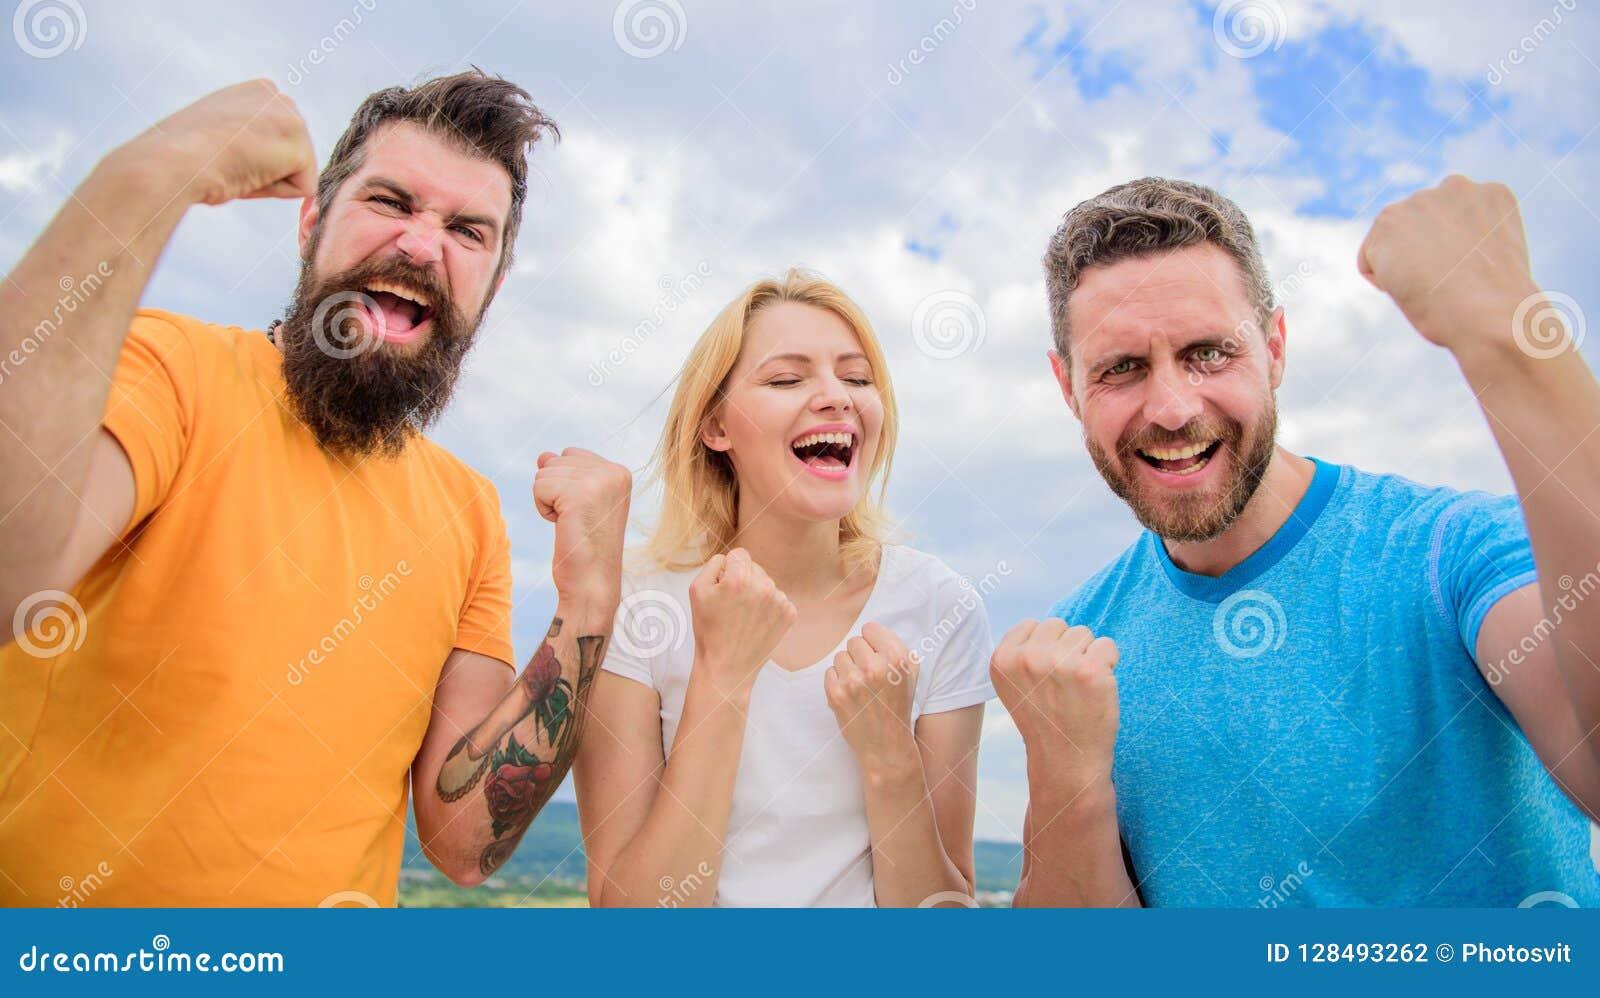 Fira framgång Vi är vinnare Det favorit- laget segrade konkurrens Uppföranden av vinnarelaget Threesomeställning som är lycklig m